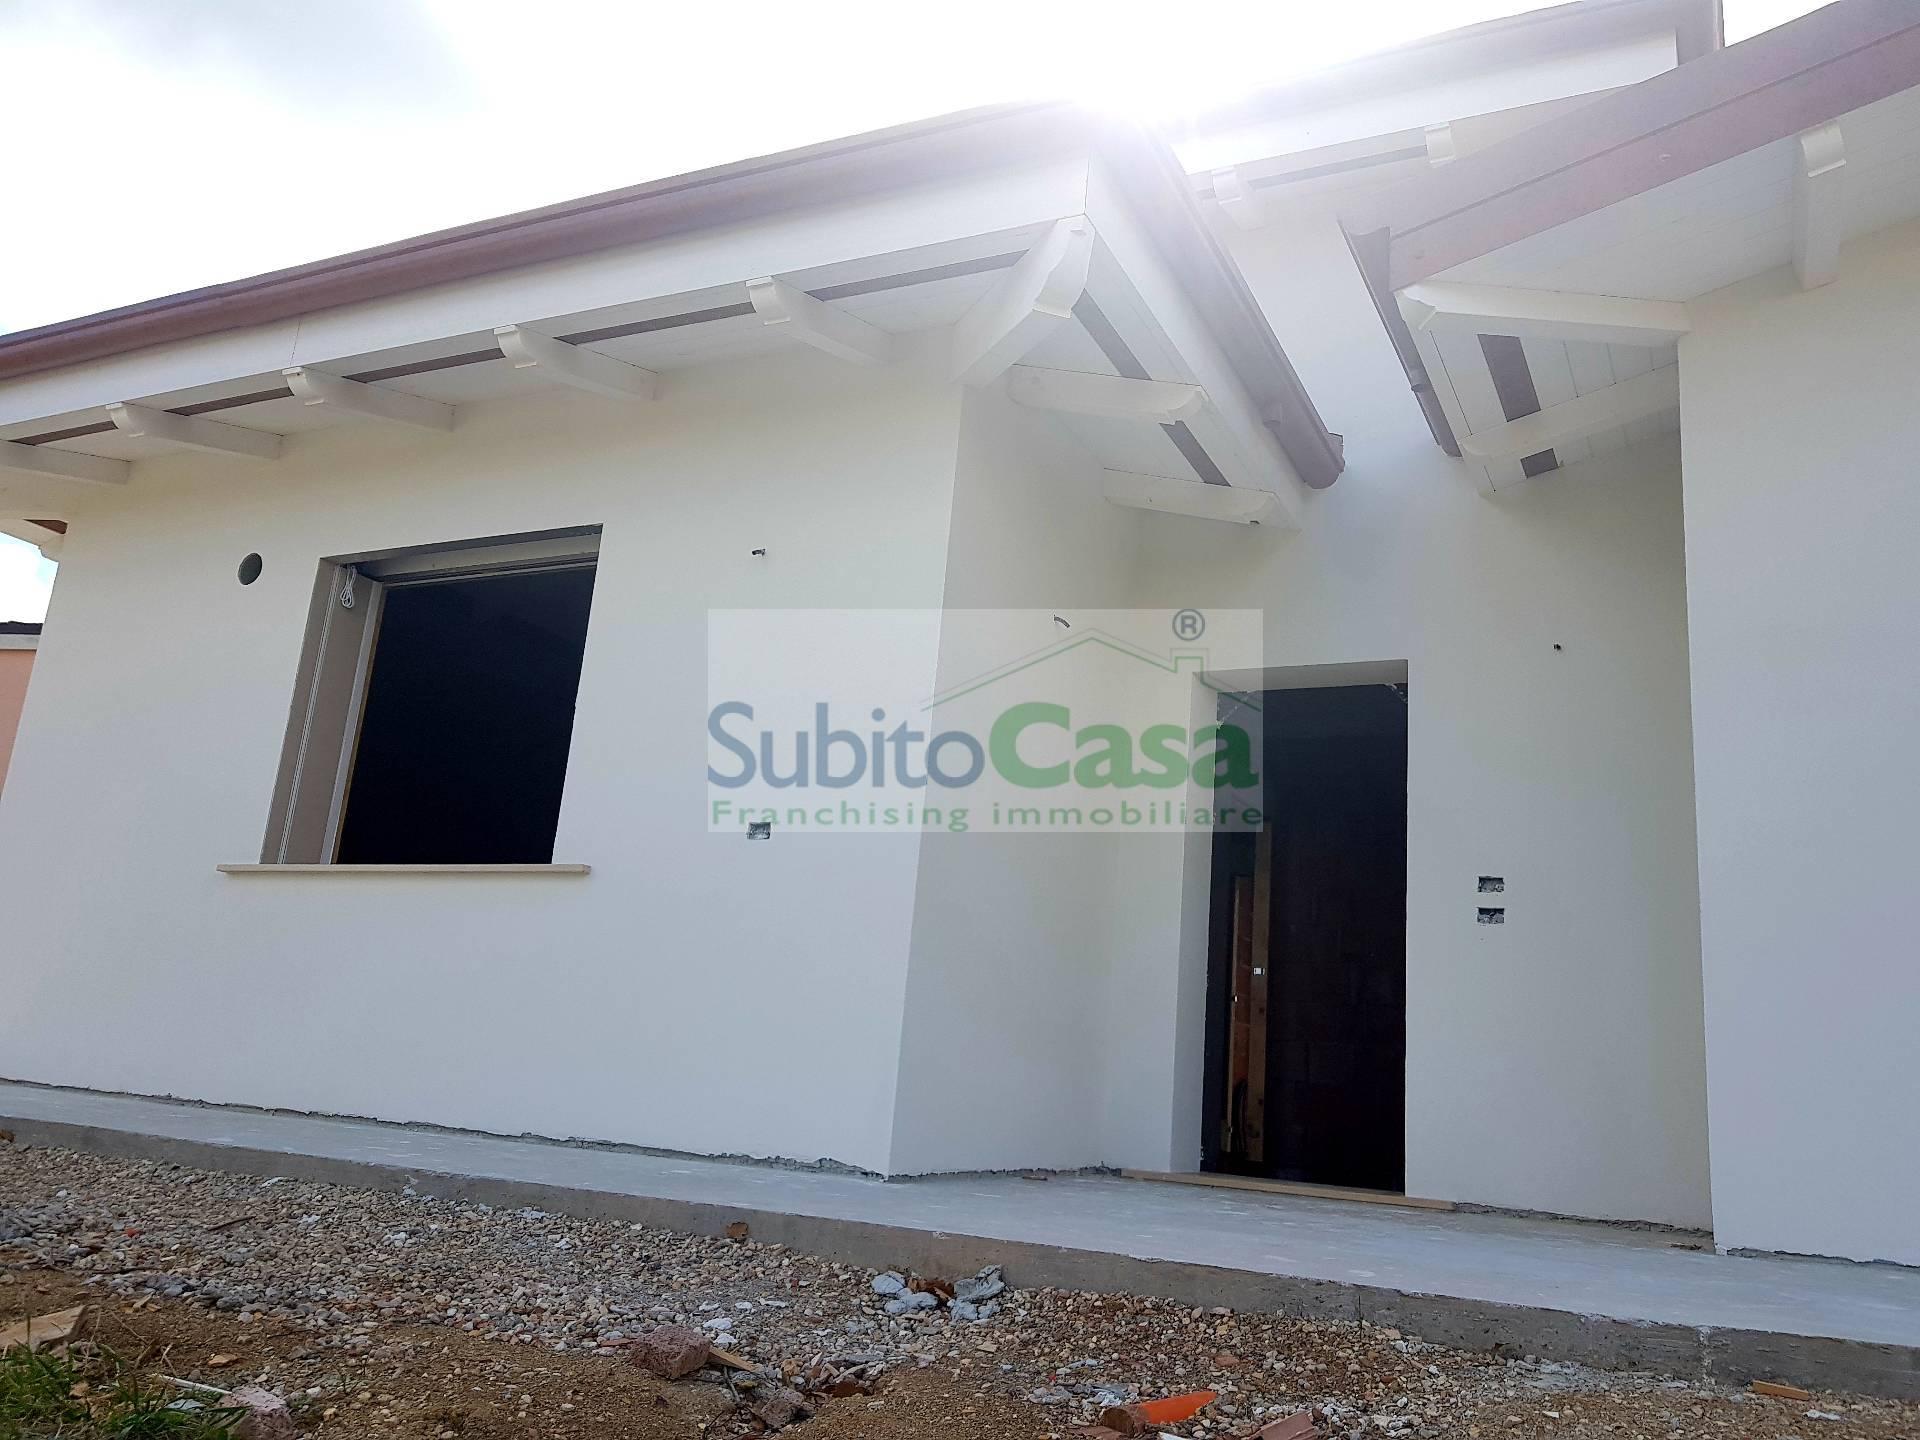 Villa in vendita a Rosciano, 6 locali, zona Località: VillaOliveti, prezzo € 260.000   CambioCasa.it